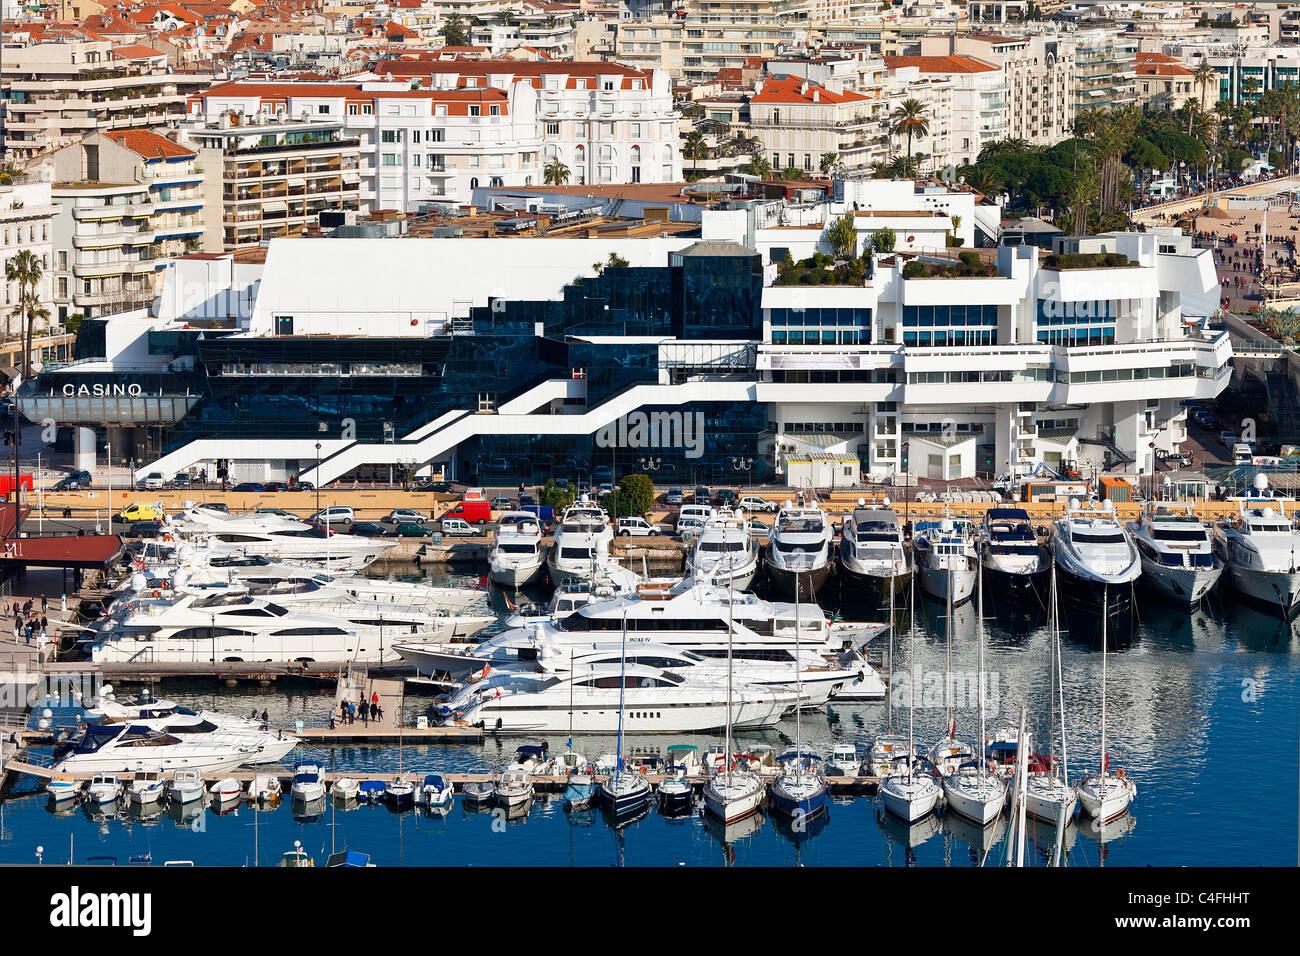 Cannes, Palais du Festival - Stock Image